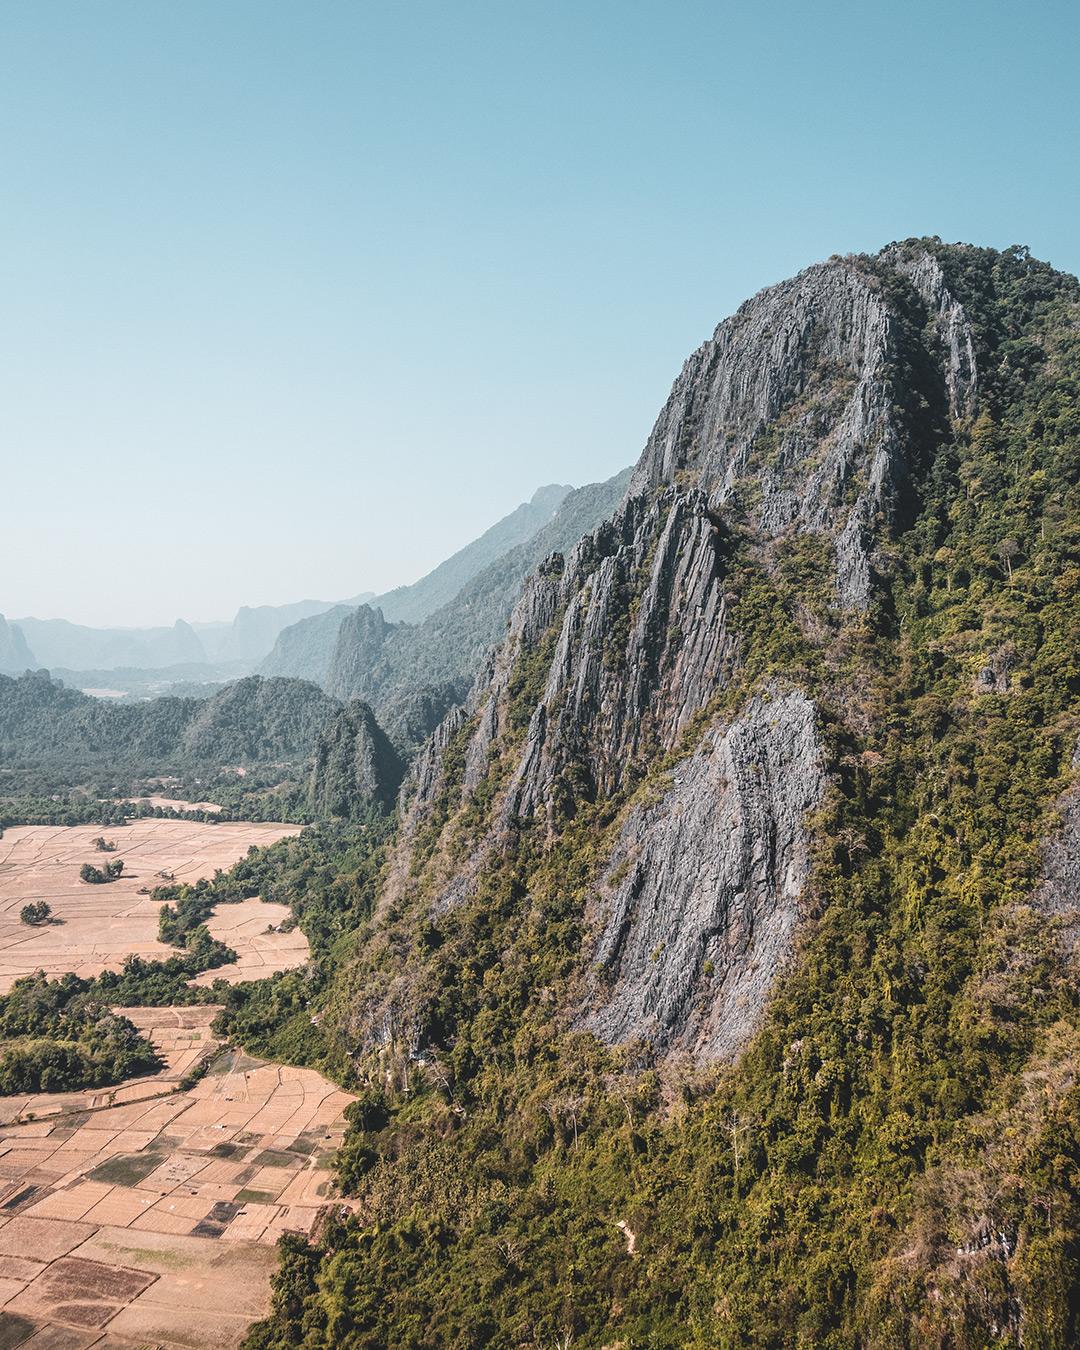 Foto van Instagram Simon Wijers, genomen op reis in Laos